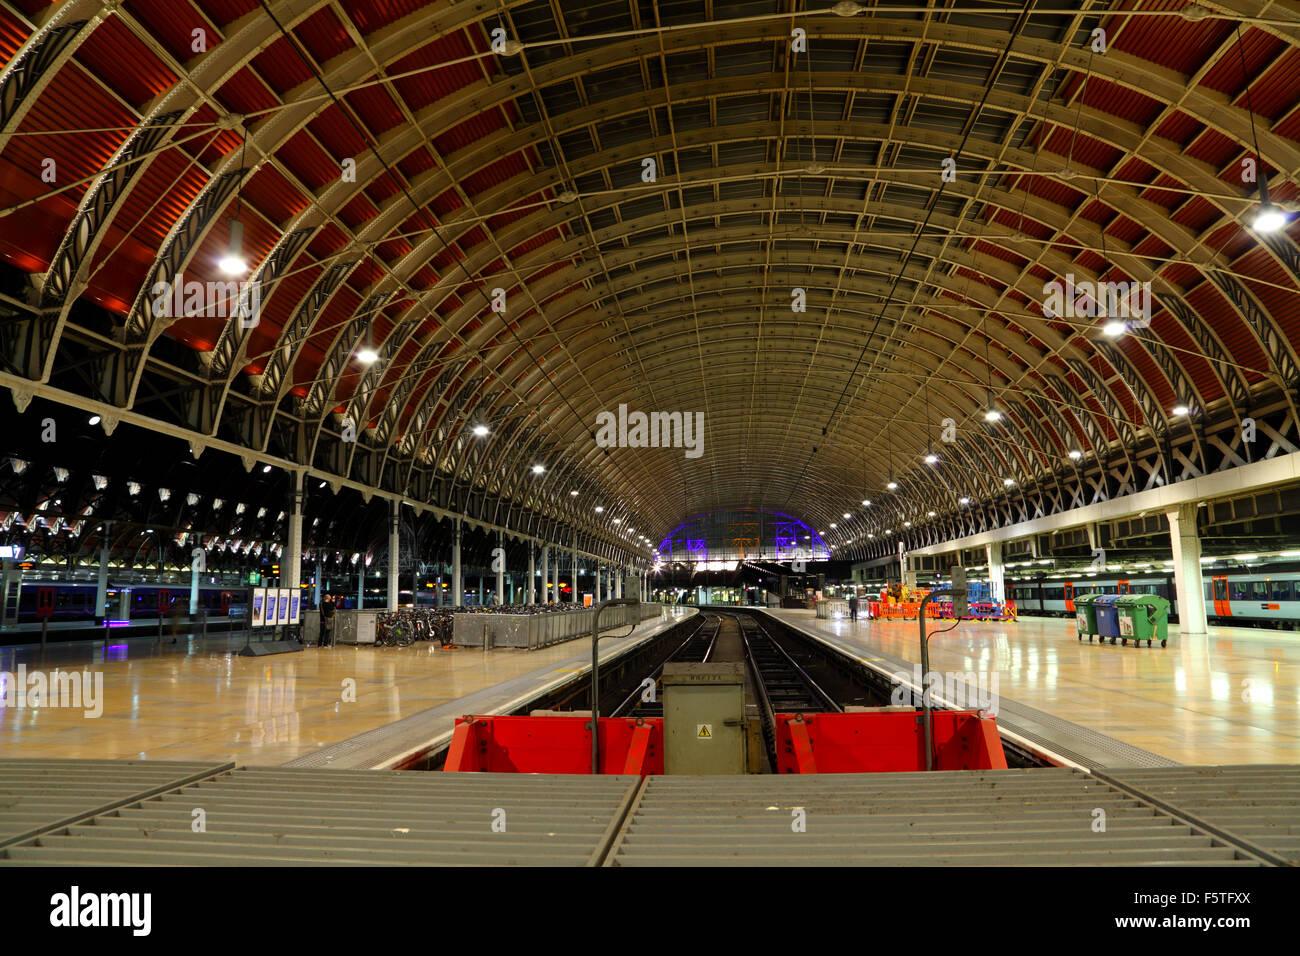 Vue à la recherche de plates-formes le long de 10 et 11 à la gare de Paddington, montrant les tampons et l'éclairage à l'extrême fin. Banque D'Images